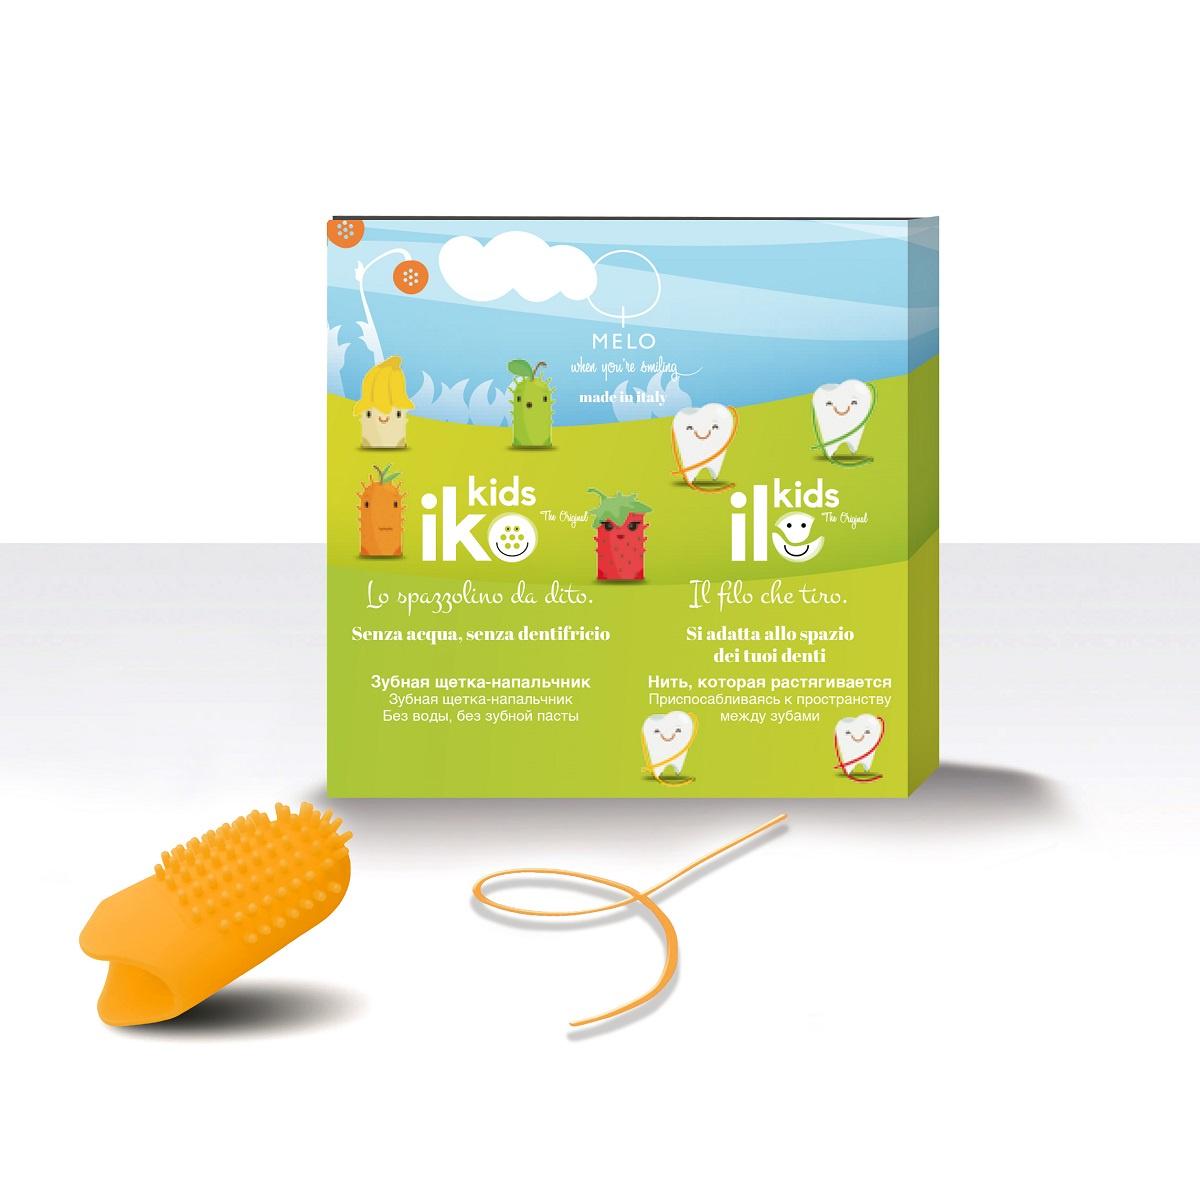 Зубная щетка MELO - When you're smiling антибактериальная фторирующая iKO Kids; зубная нить антибактериальная фторирующая iLO Kids; для детей, Апельсин